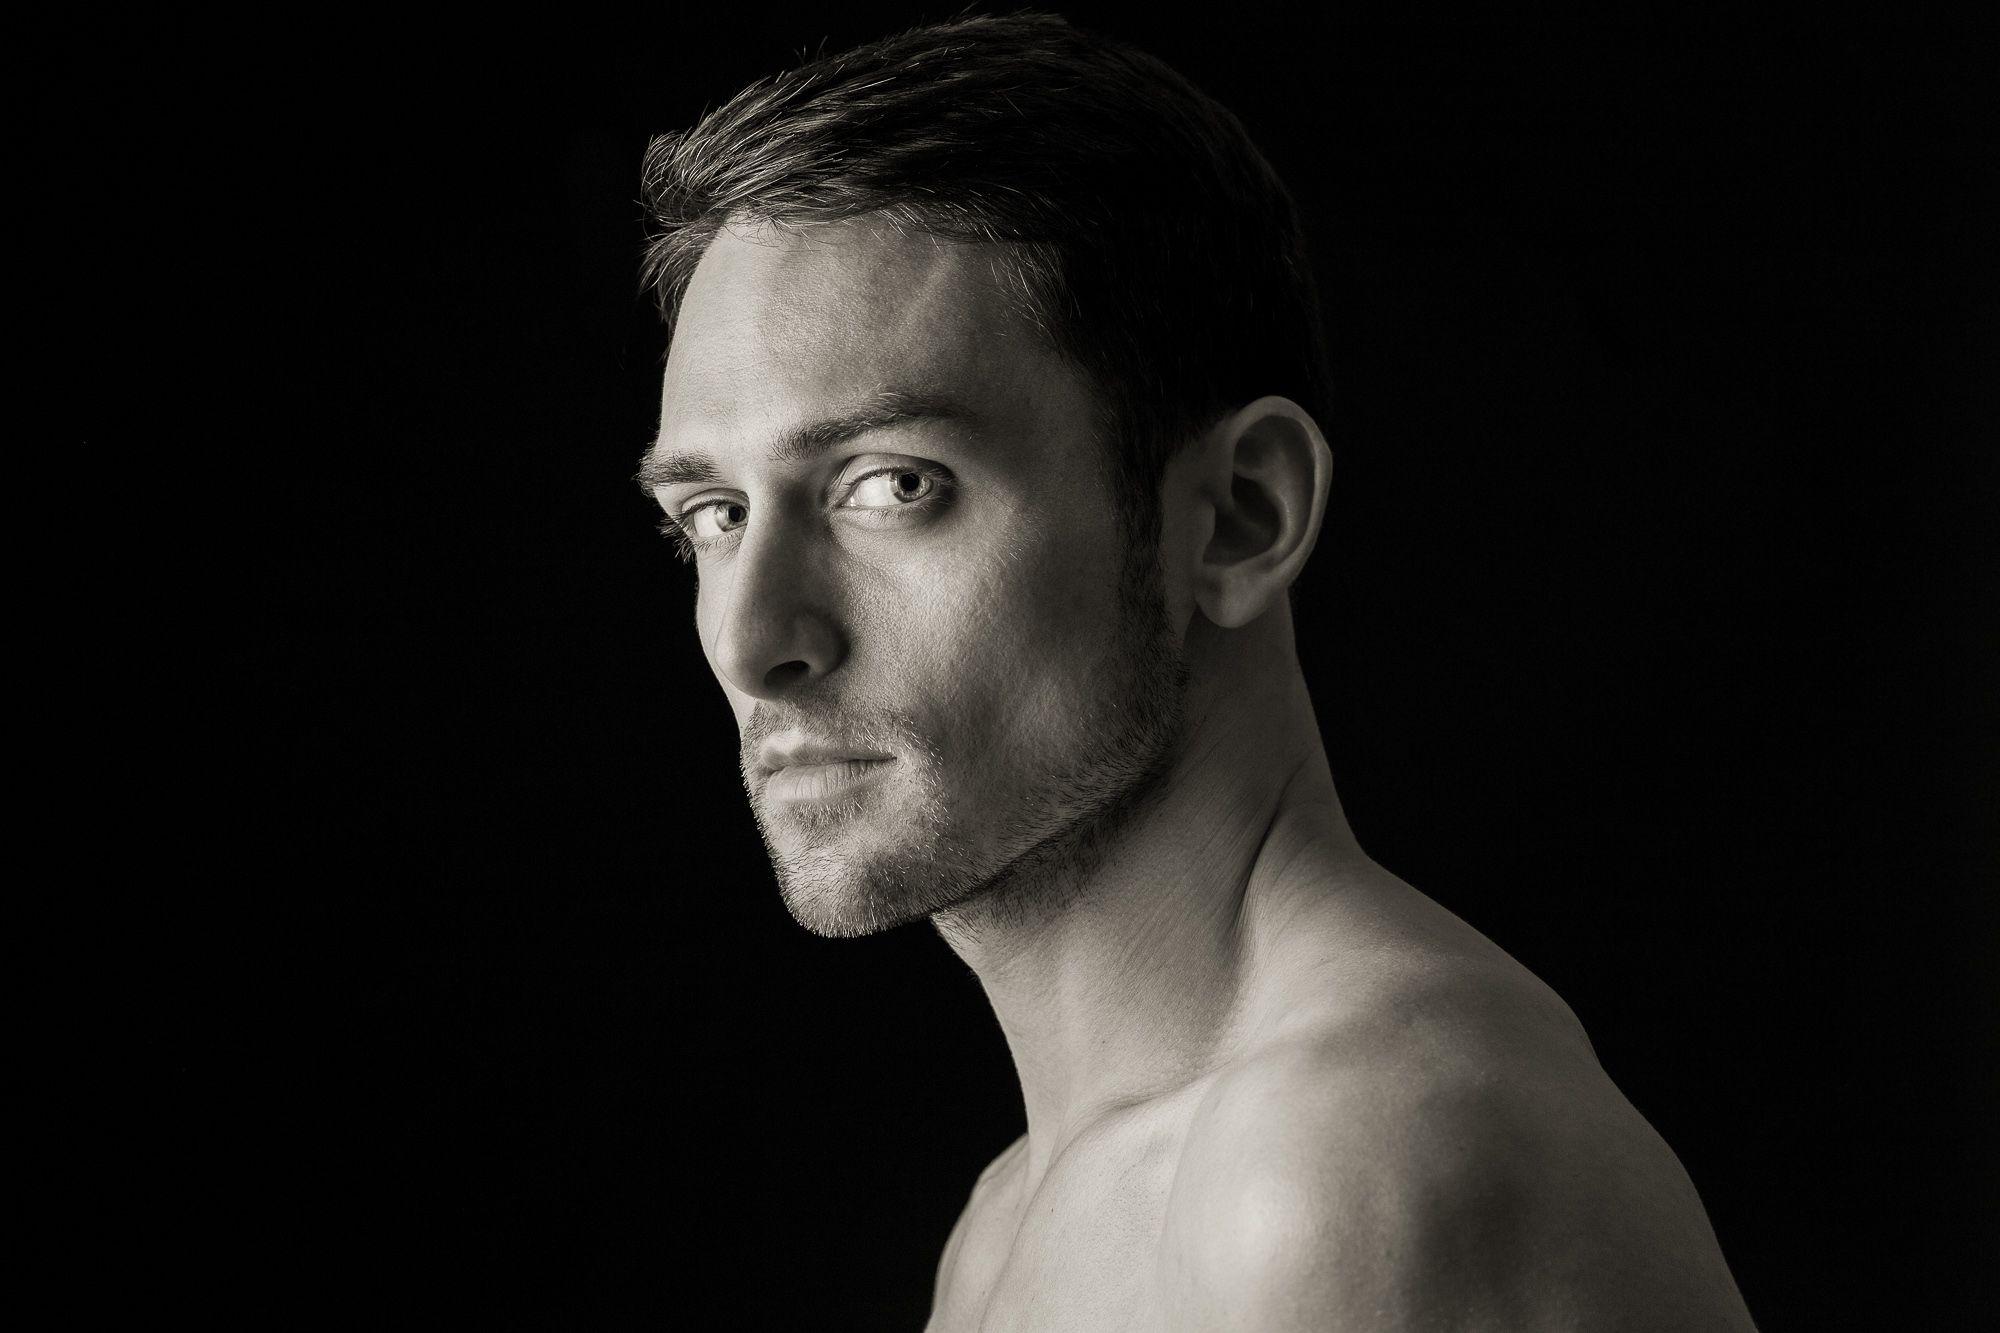 Portrait Photography - Luis Ribelles Photography